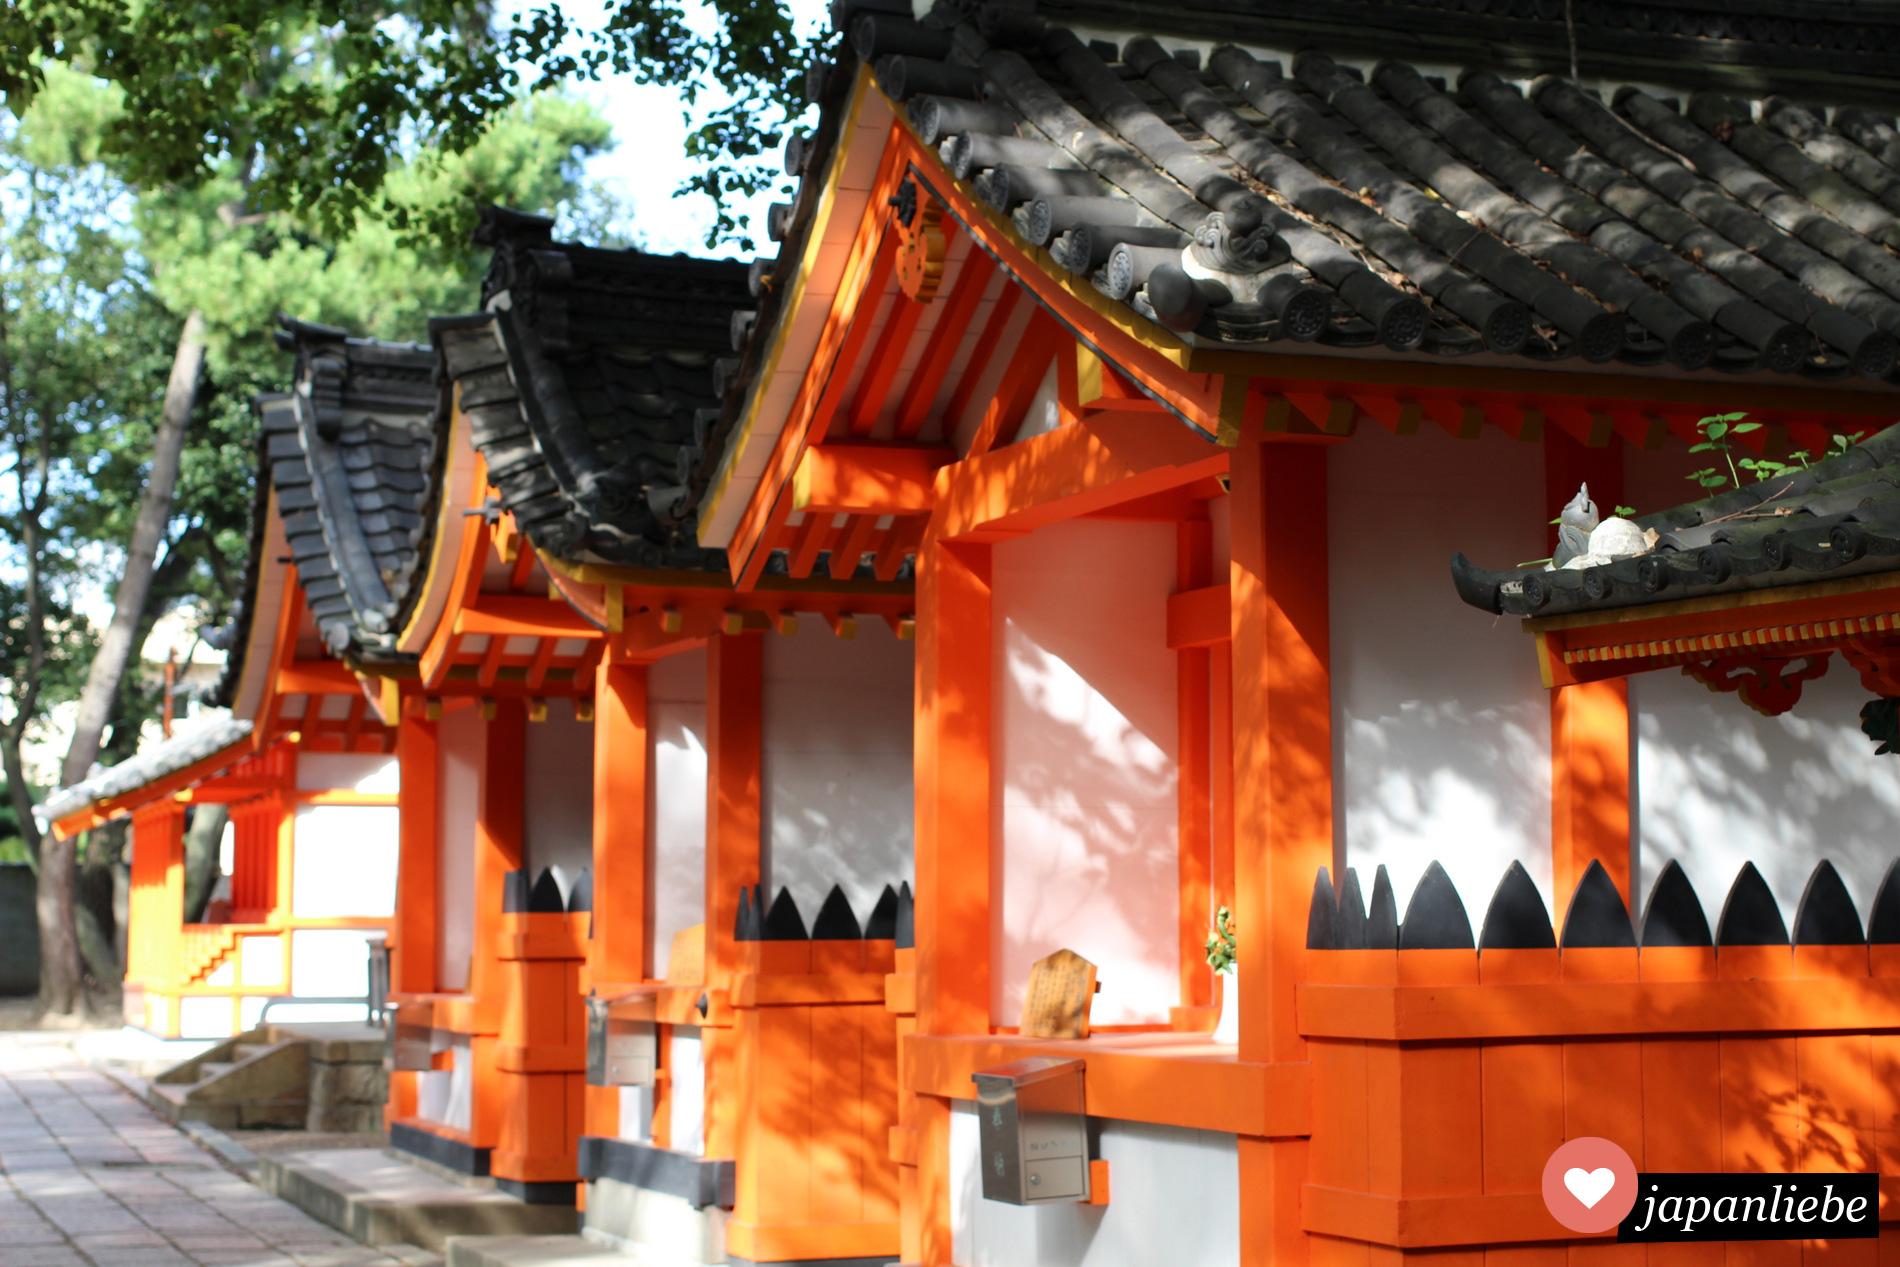 Viele kleine Nebenschreine am Sumiyoshi Taisha Schrein in Ōsaka.